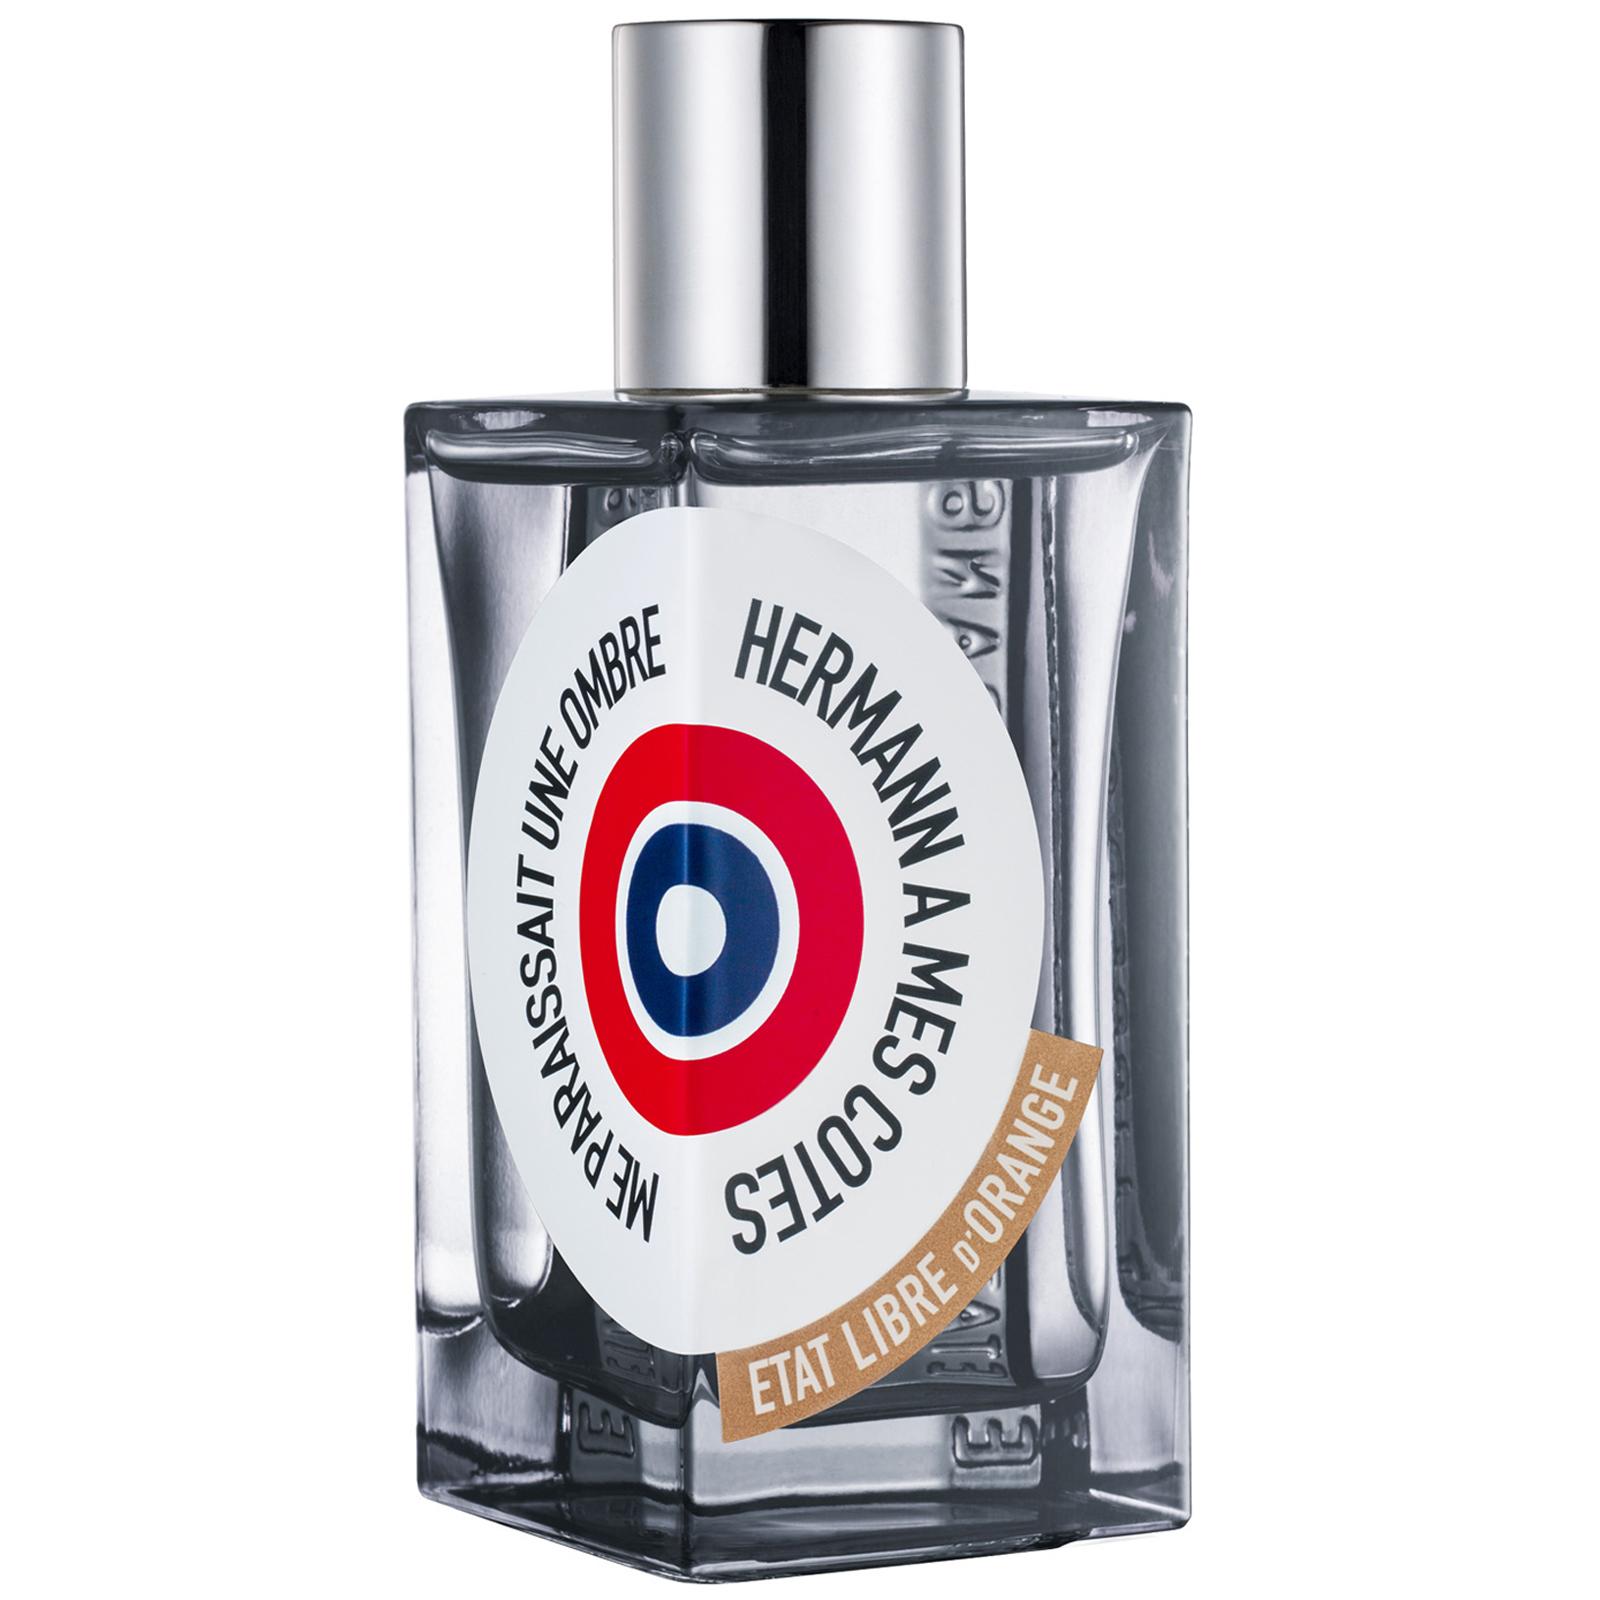 ETAT LIBRE D'ORANGE Hermann A Mes Cotes Me Paraissait Une Ombre Perfume Eau De Parfum 100 Ml in White